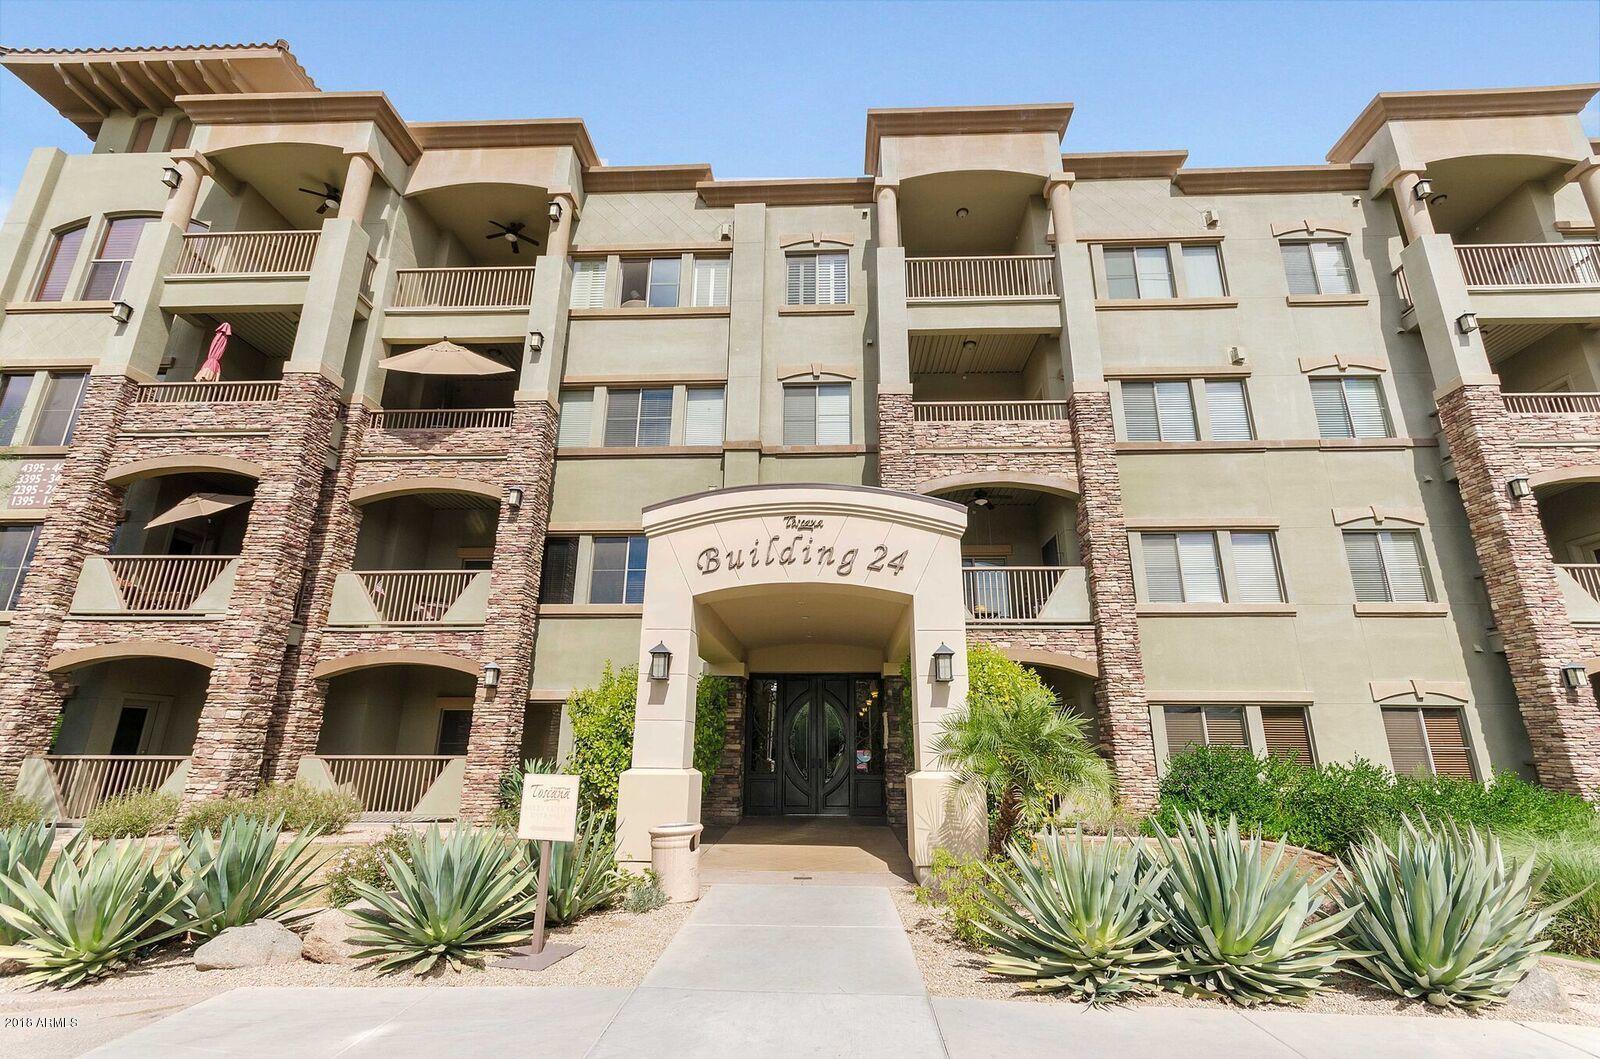 MLS 5849310 5350 E DEER VALLEY Drive Unit 2416 Building 24, Phoenix, AZ 85054 Phoenix AZ Toscana At Desert Ridge